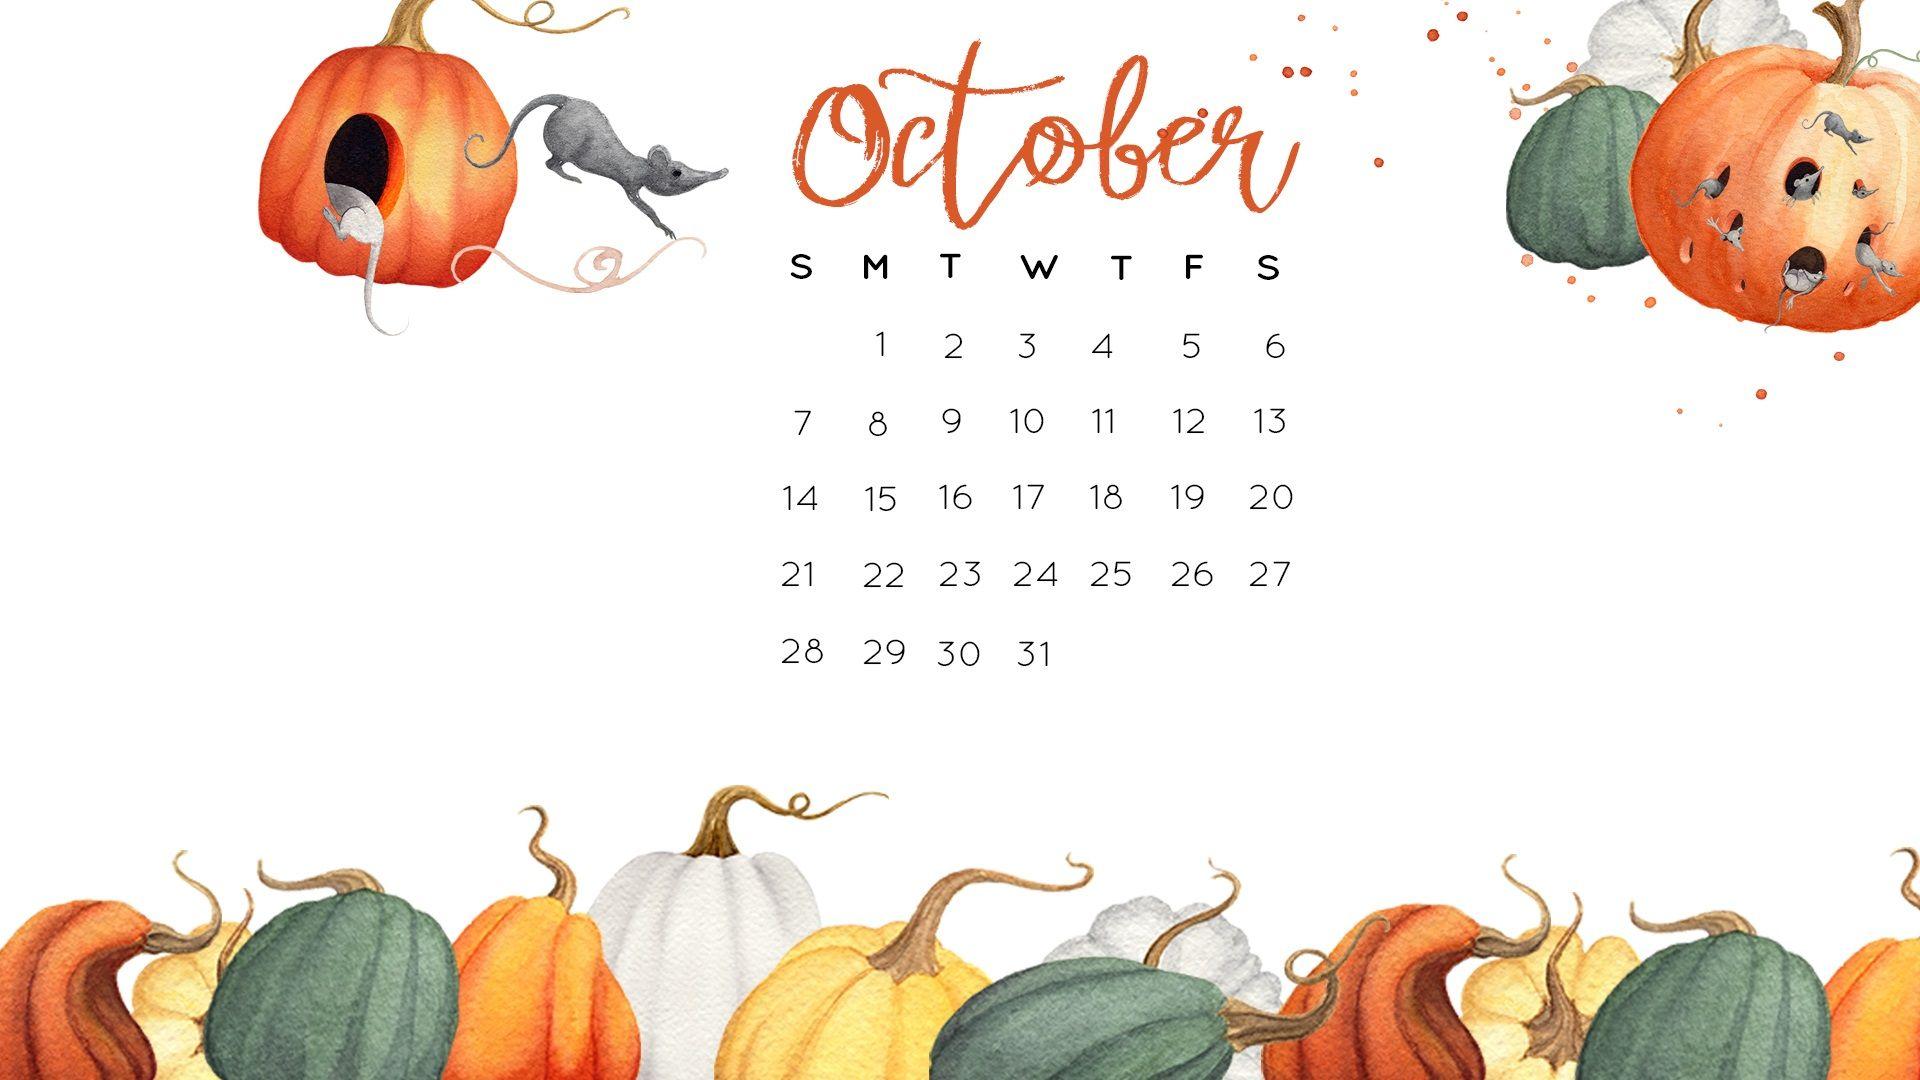 OctoberDesktopCalendar2018.jpg 1,920×1,080 pixels